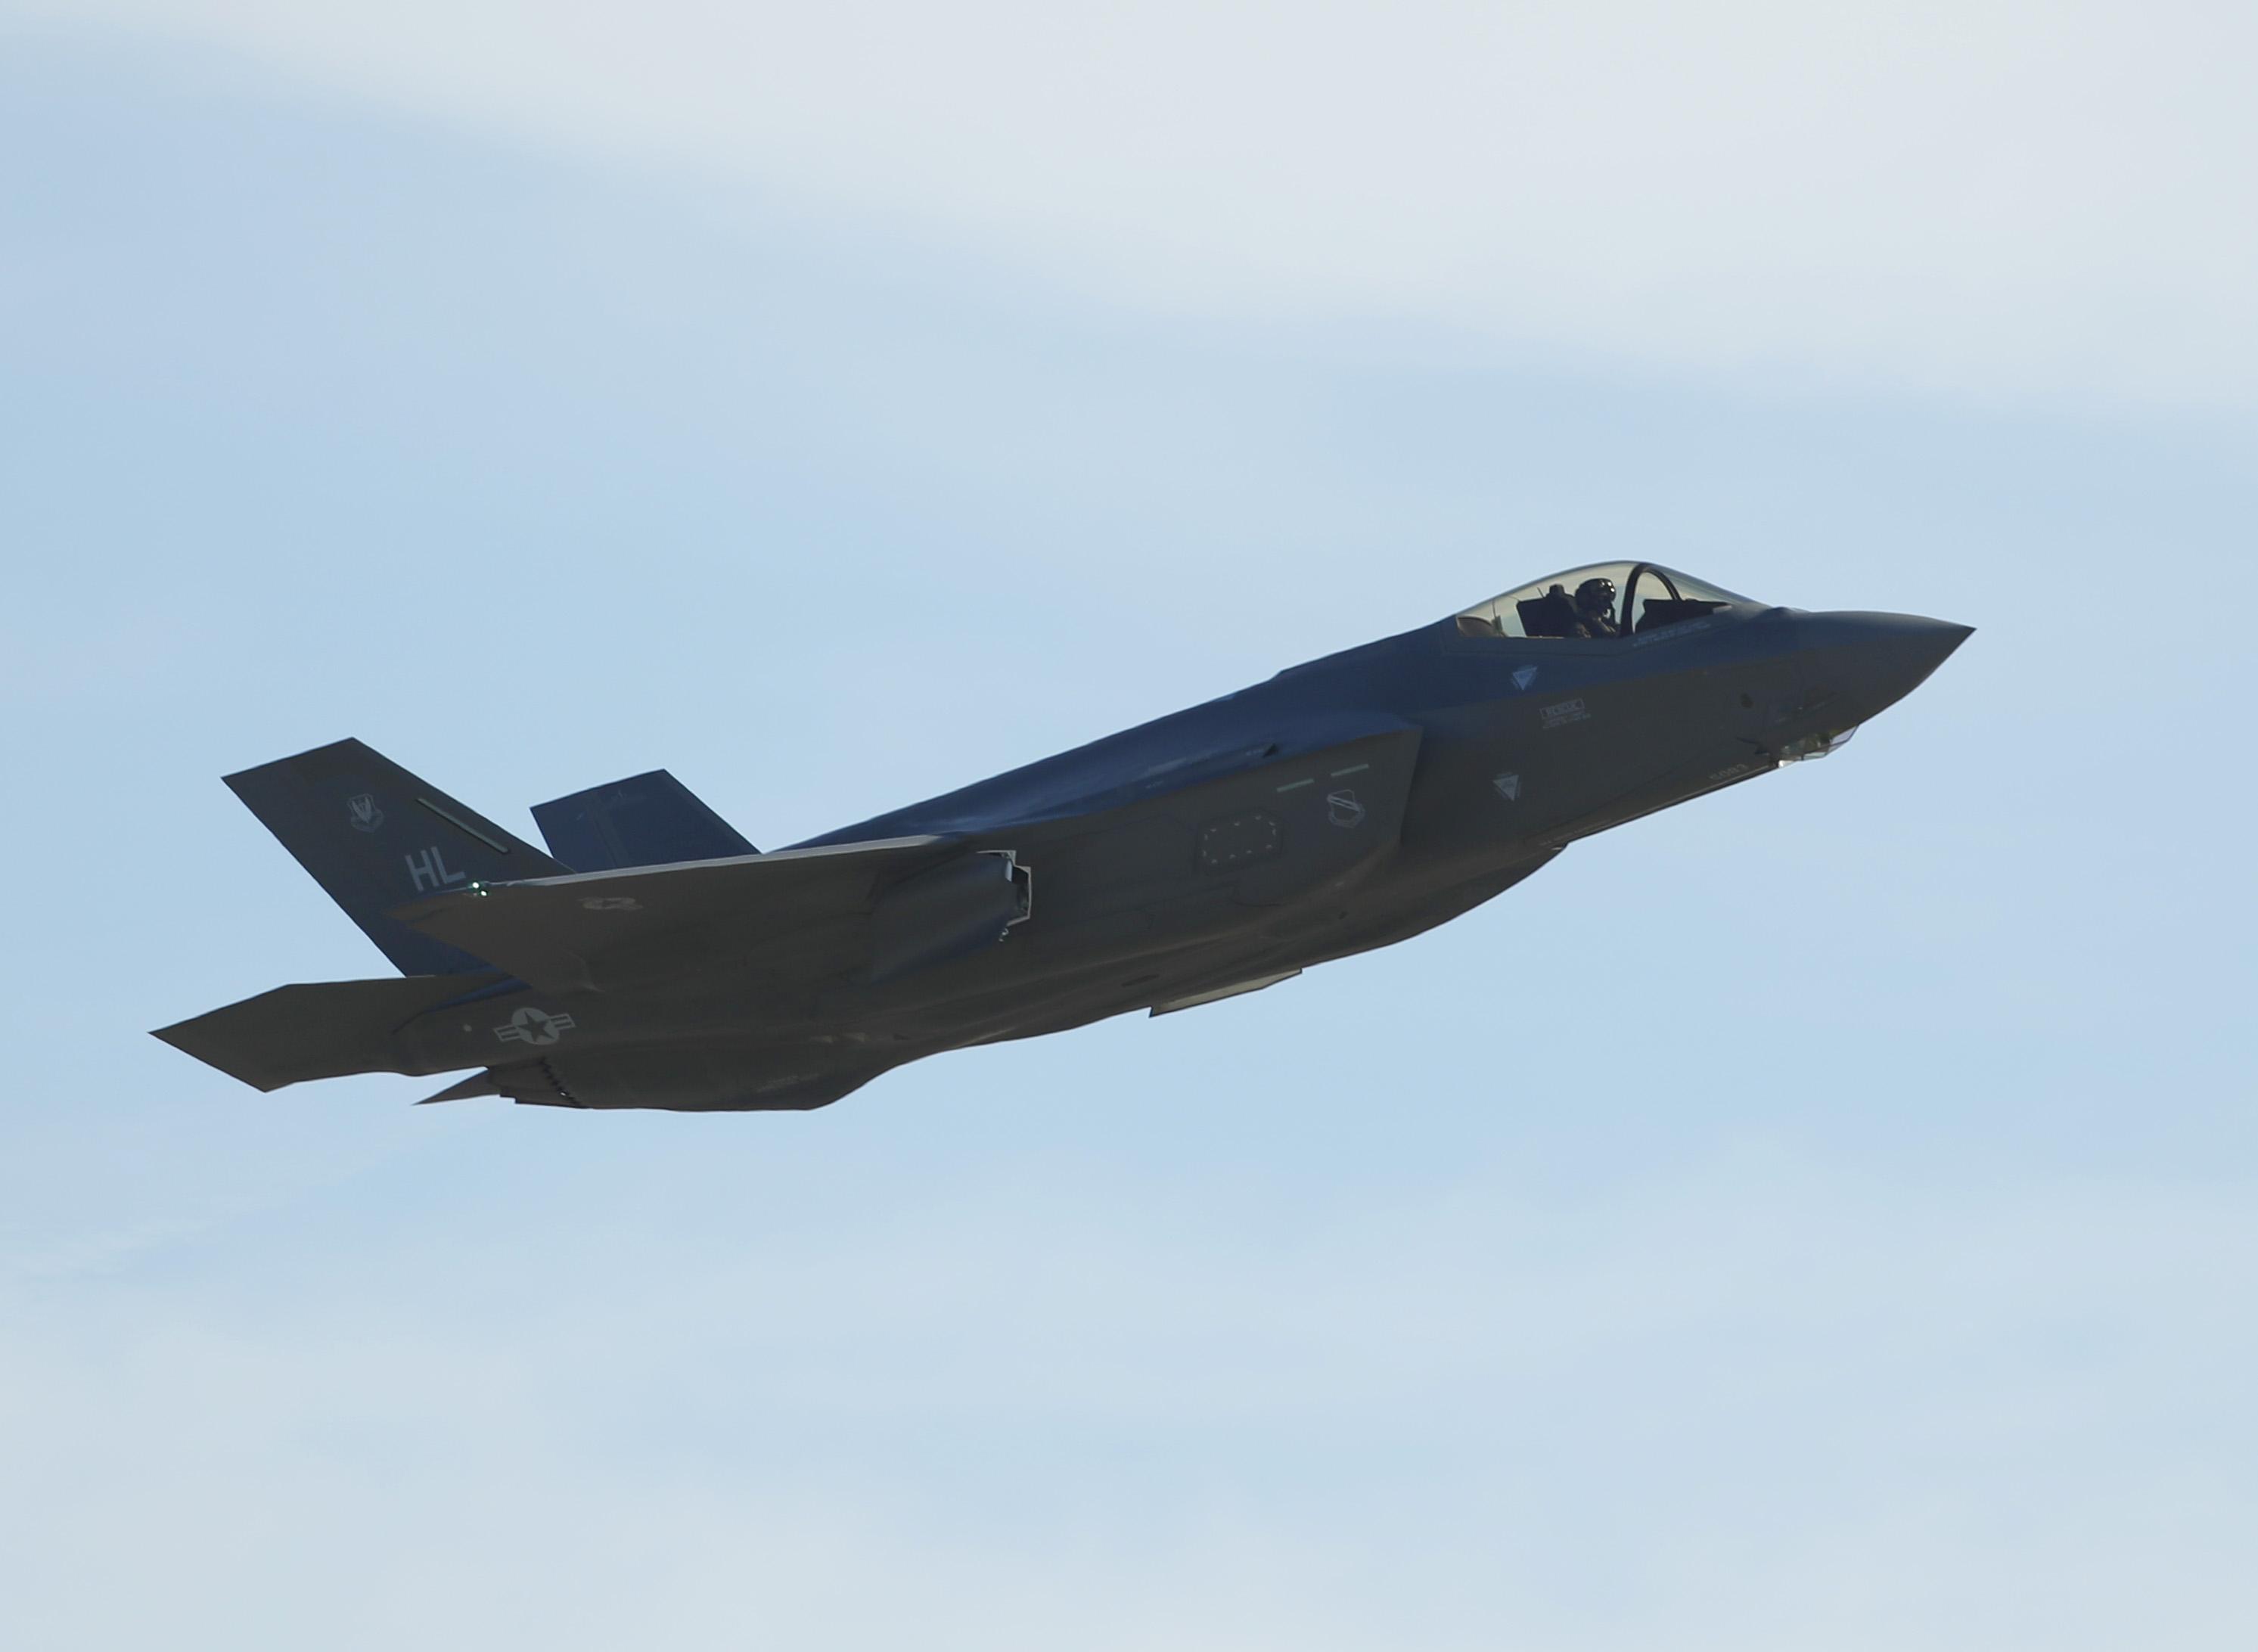 震撼影片:F-35戰機空投5枚炸彈 命中5目標